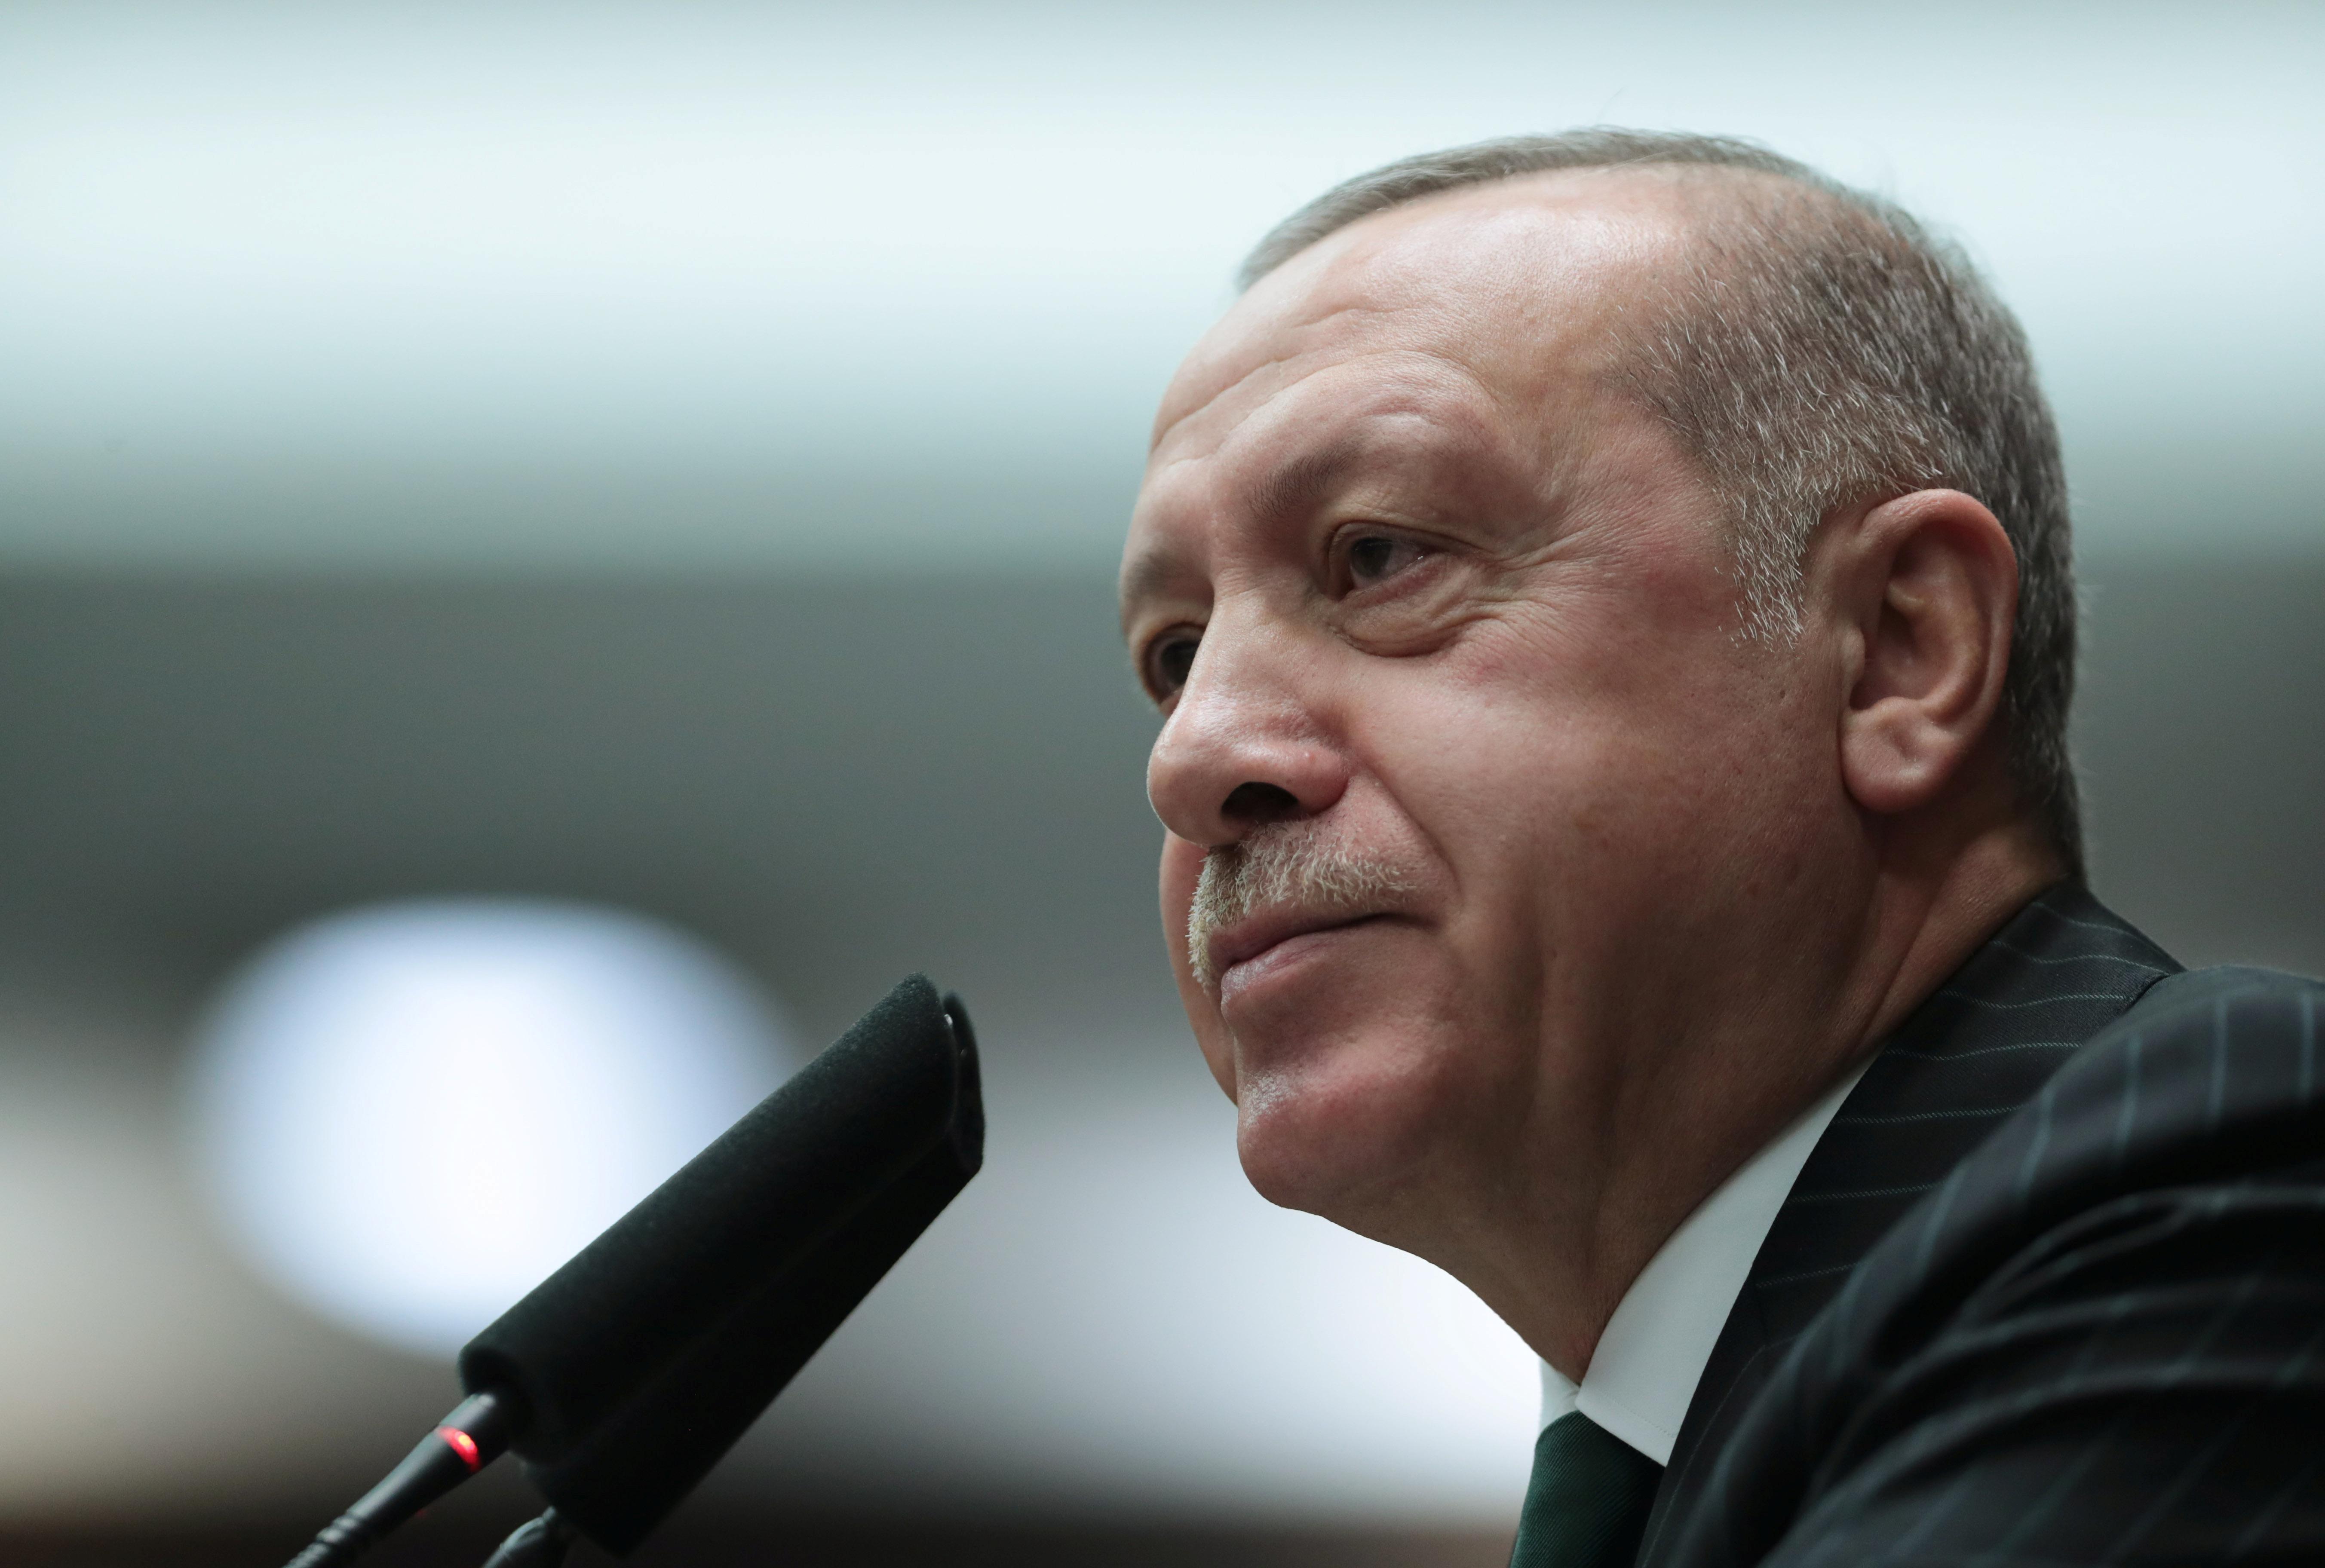 Turkiako Erdoganek Errusia, Ukrainak deitzen die elkarrizketaren bidez arazoak konpontzeko